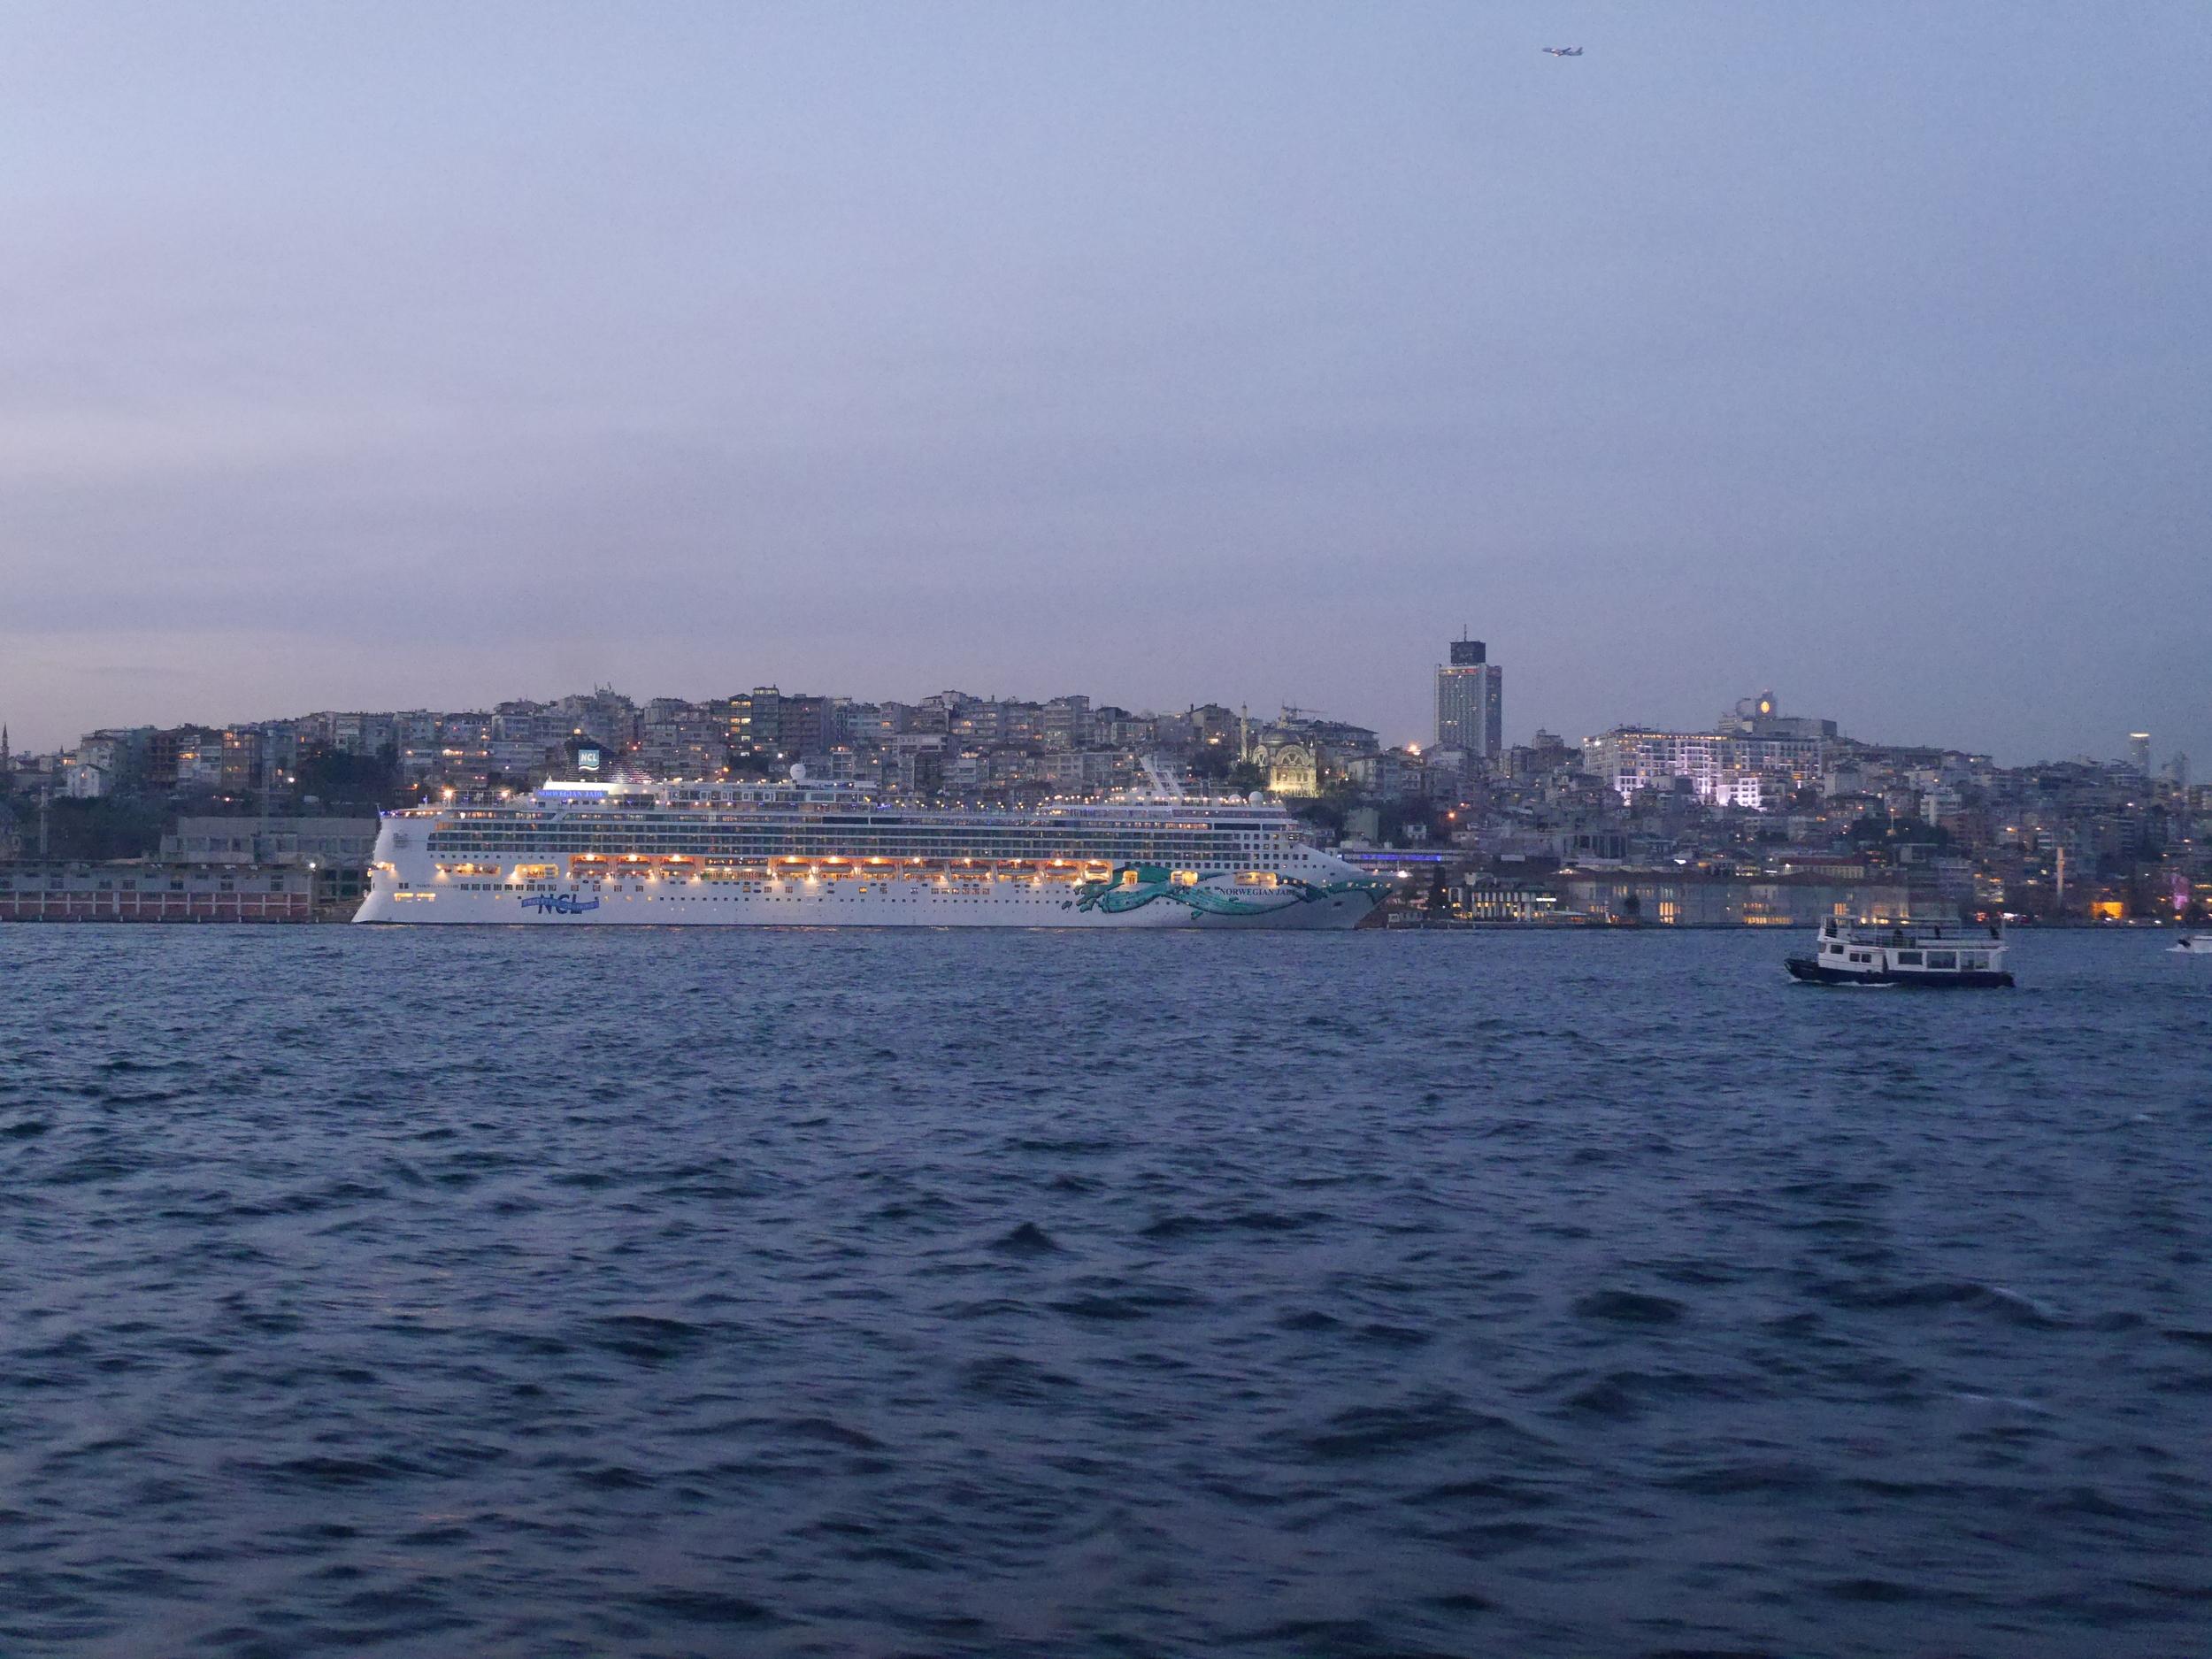 A big ol' cruise ship.